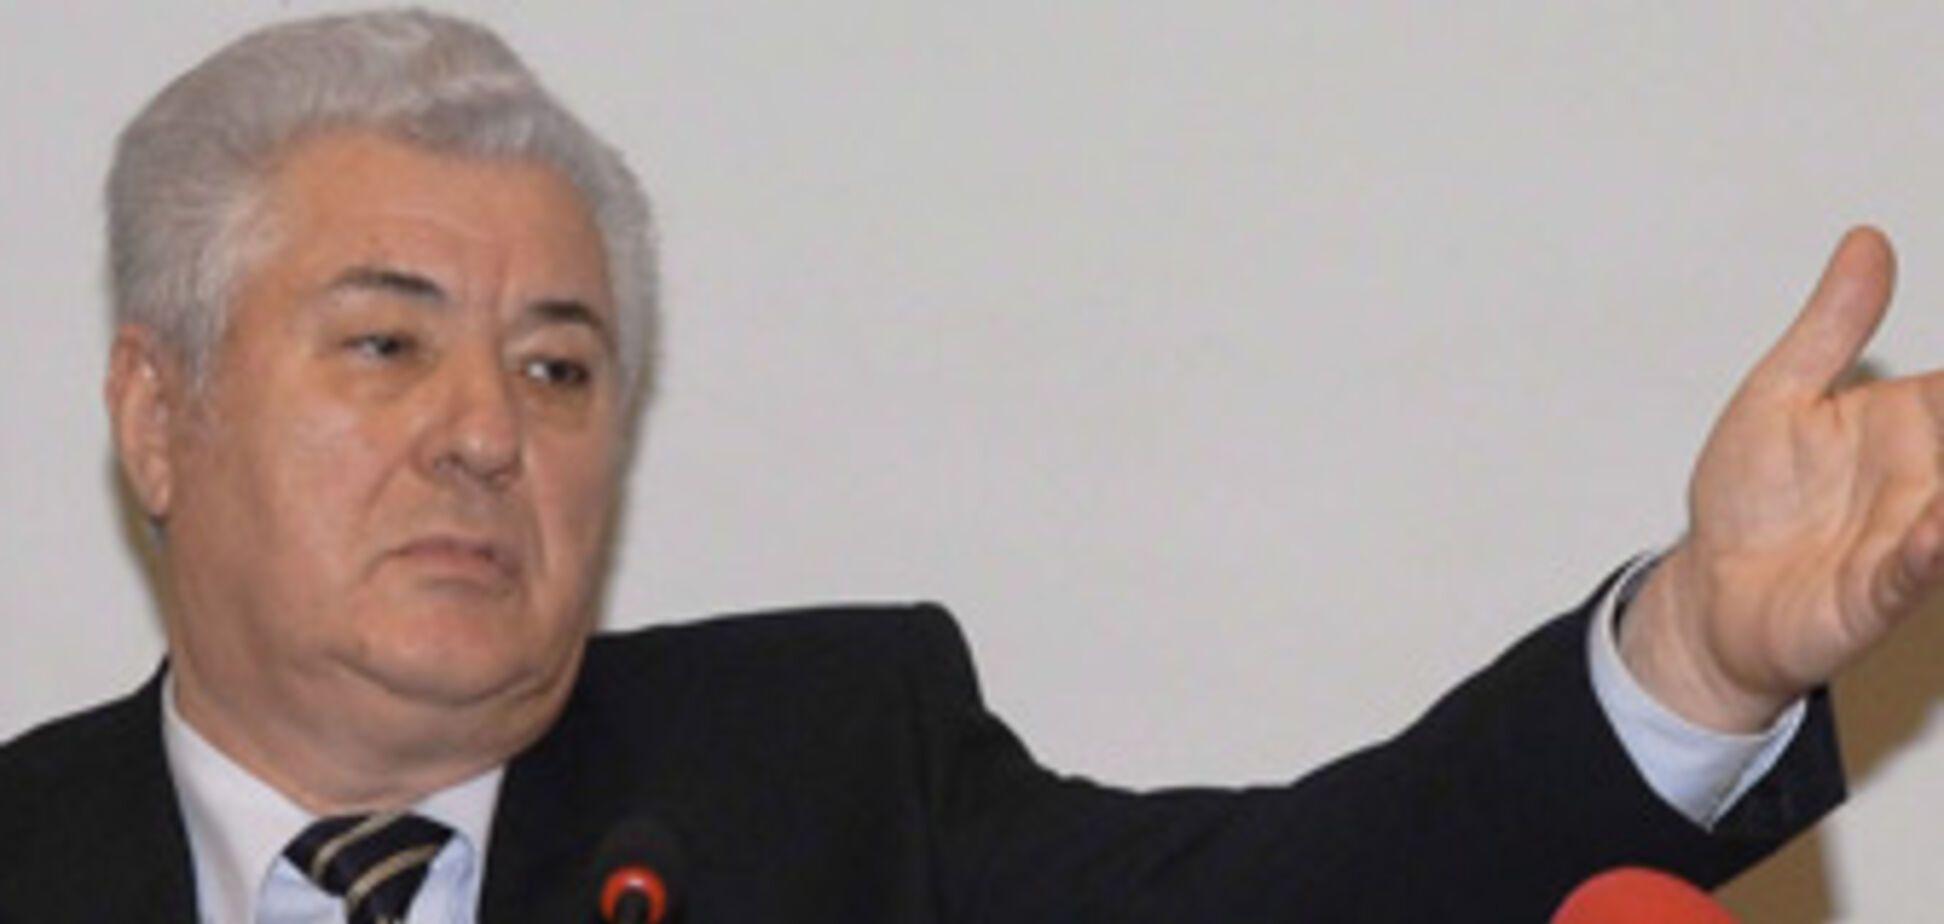 Прем'єром Молдавії стане жінка?